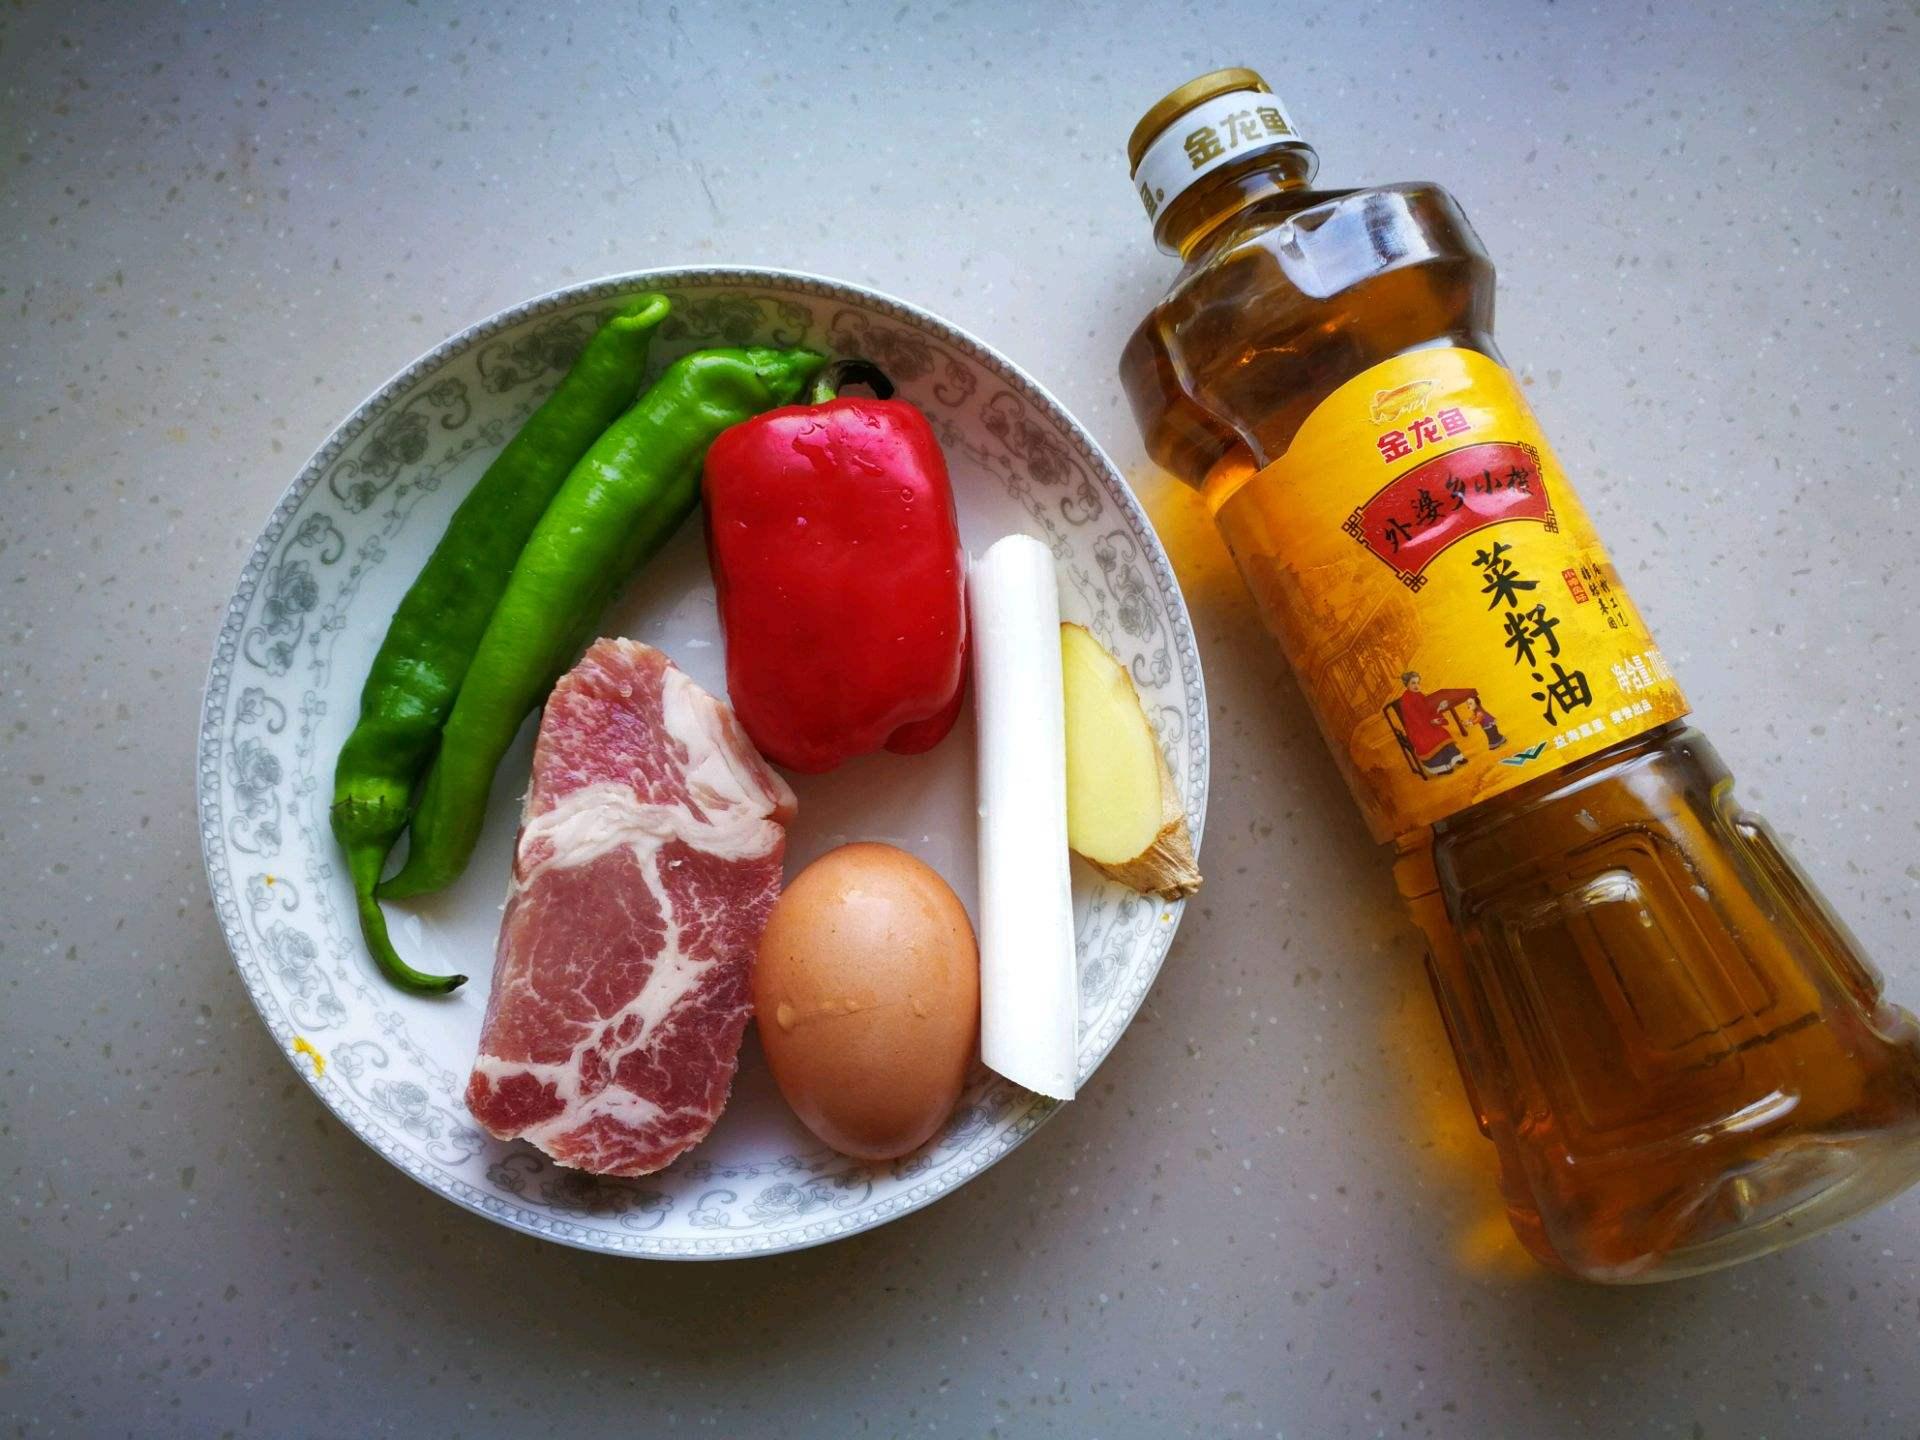 教你番茄鸡蛋的新吃法,味更香!2